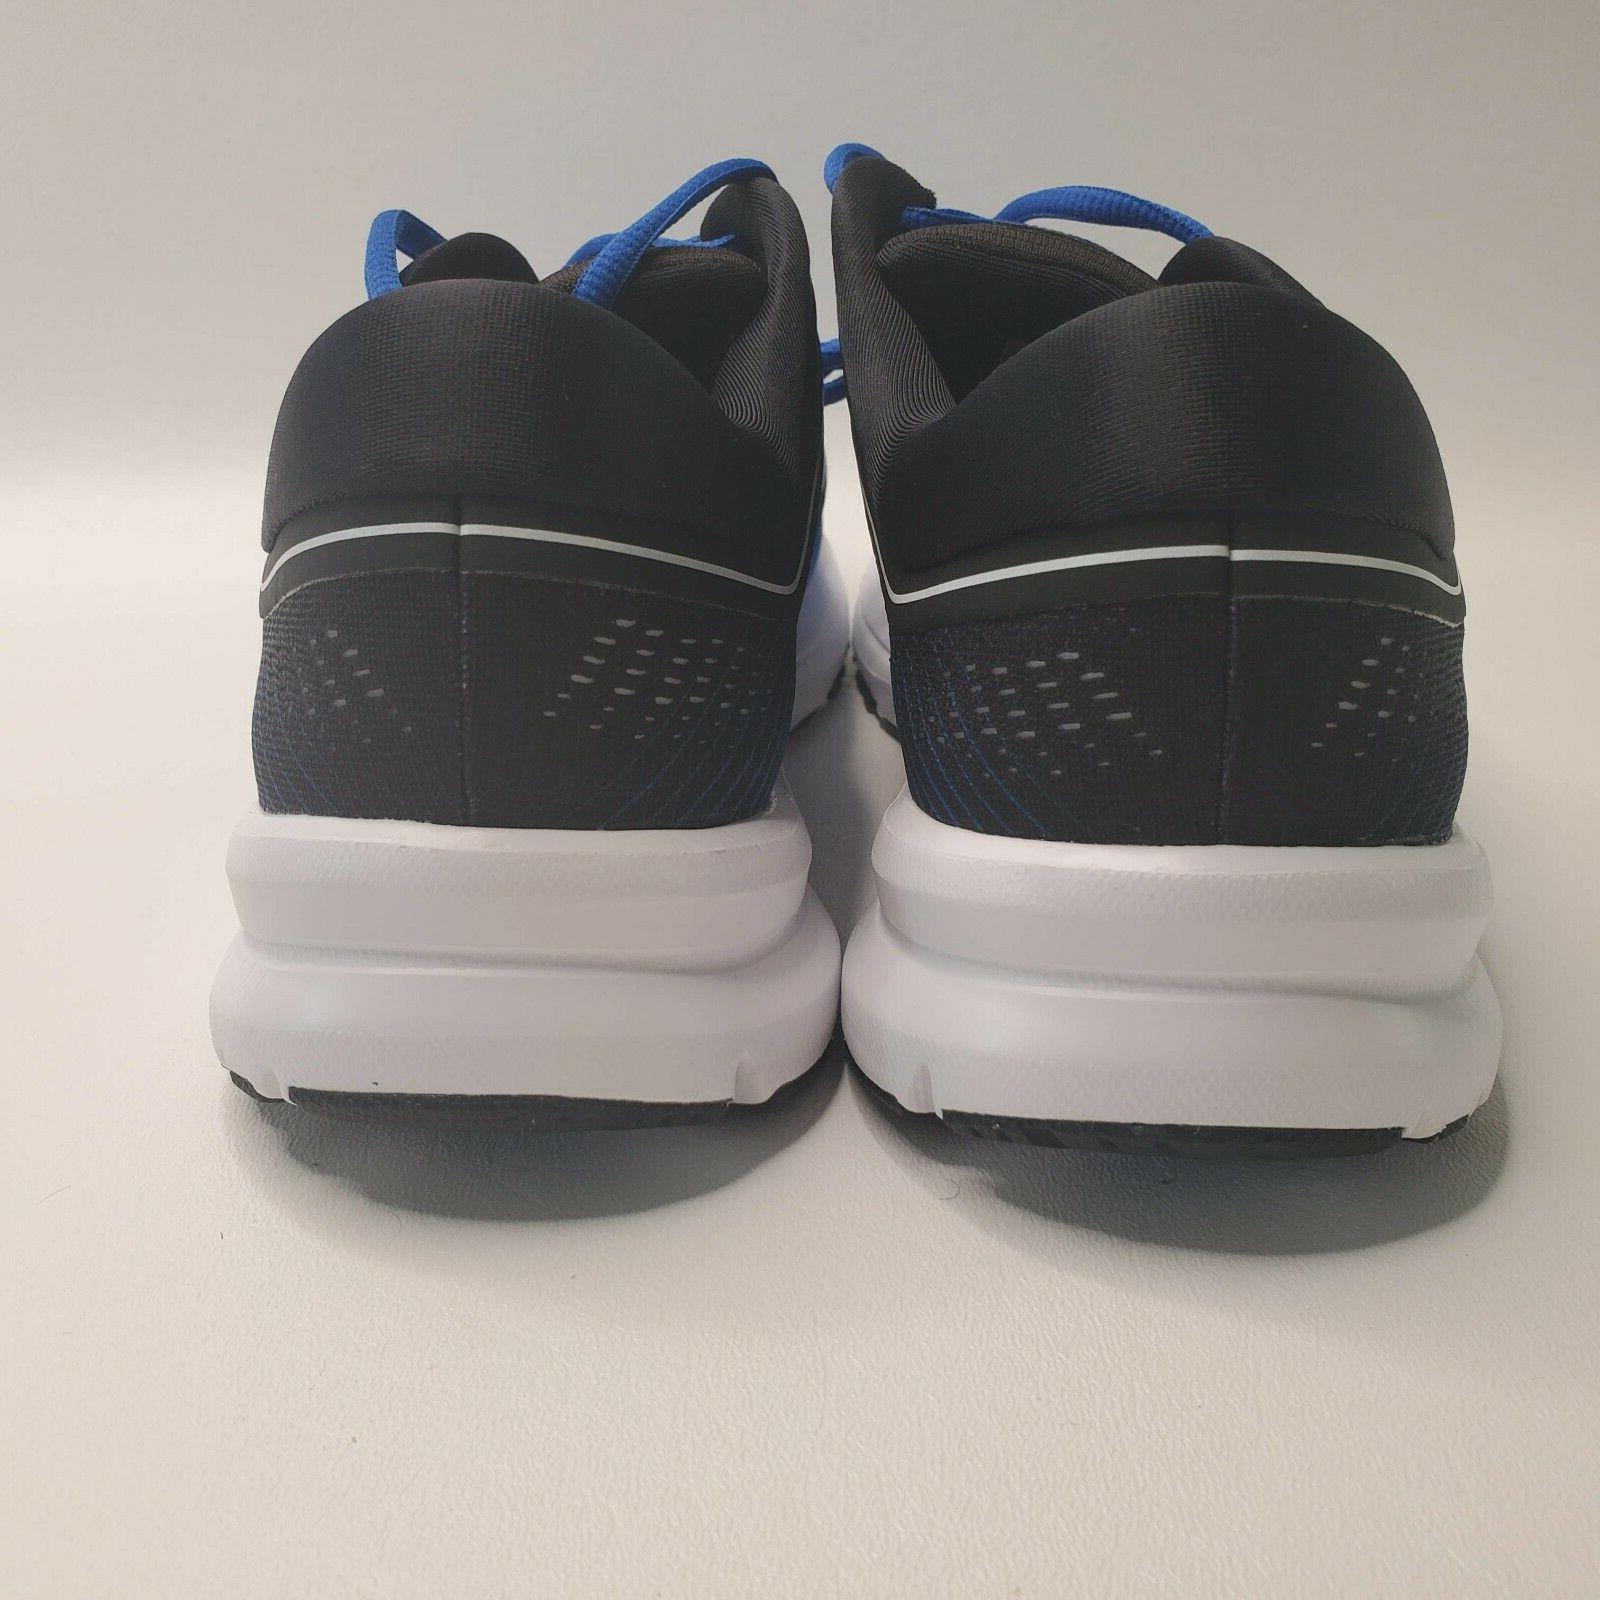 Brooks 5 Black Orange DNA Mens Running Shoes 1102781D-420